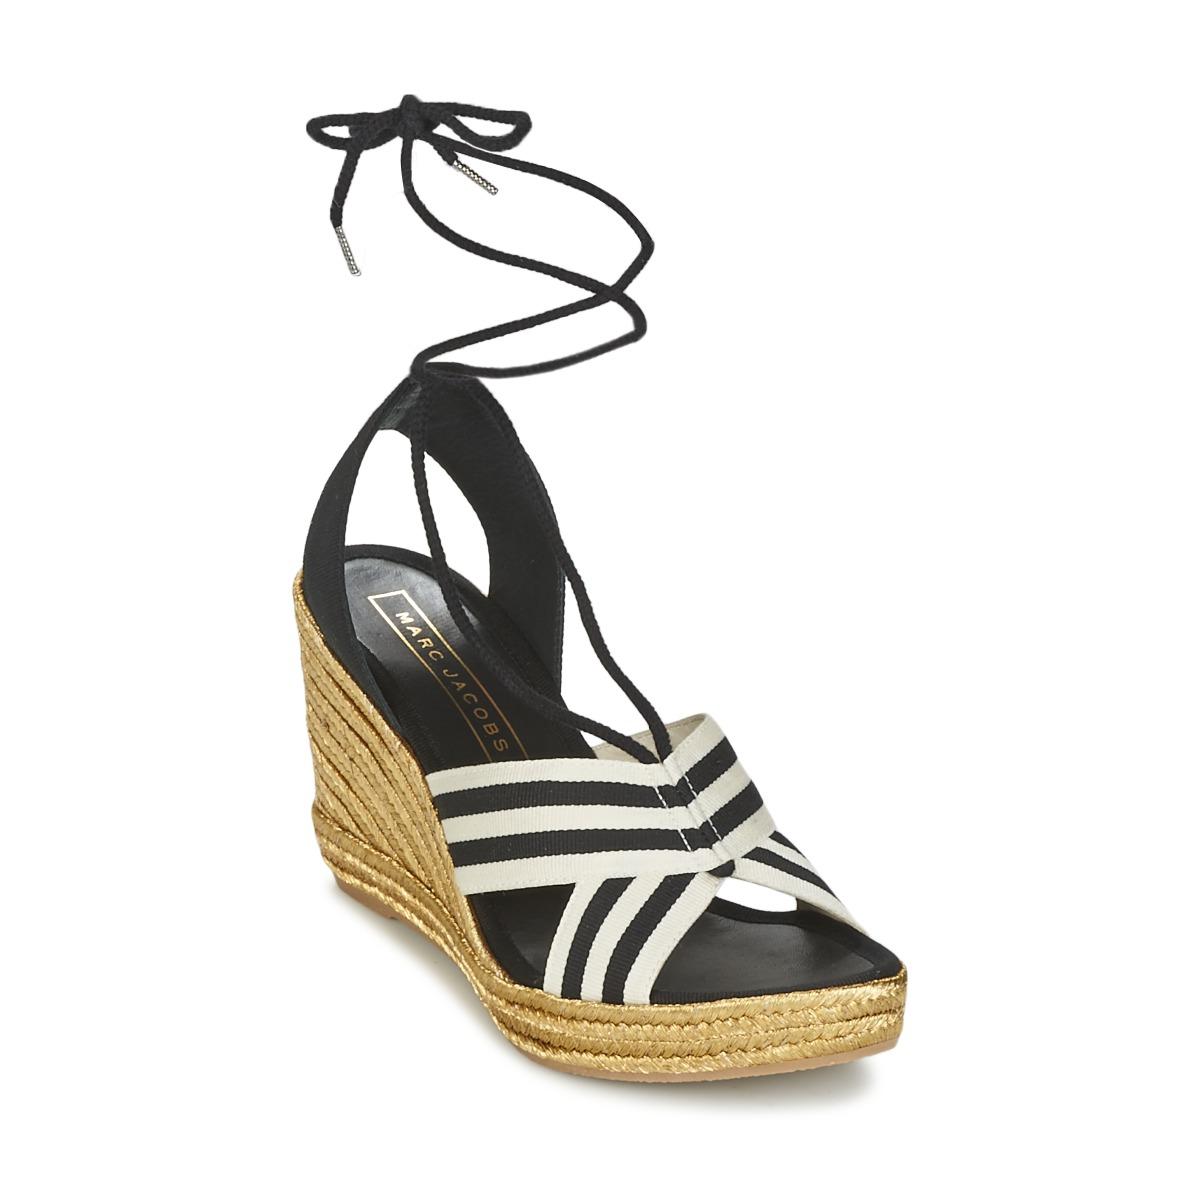 Sandale Marc Jacobs DANI Noir / Blanc